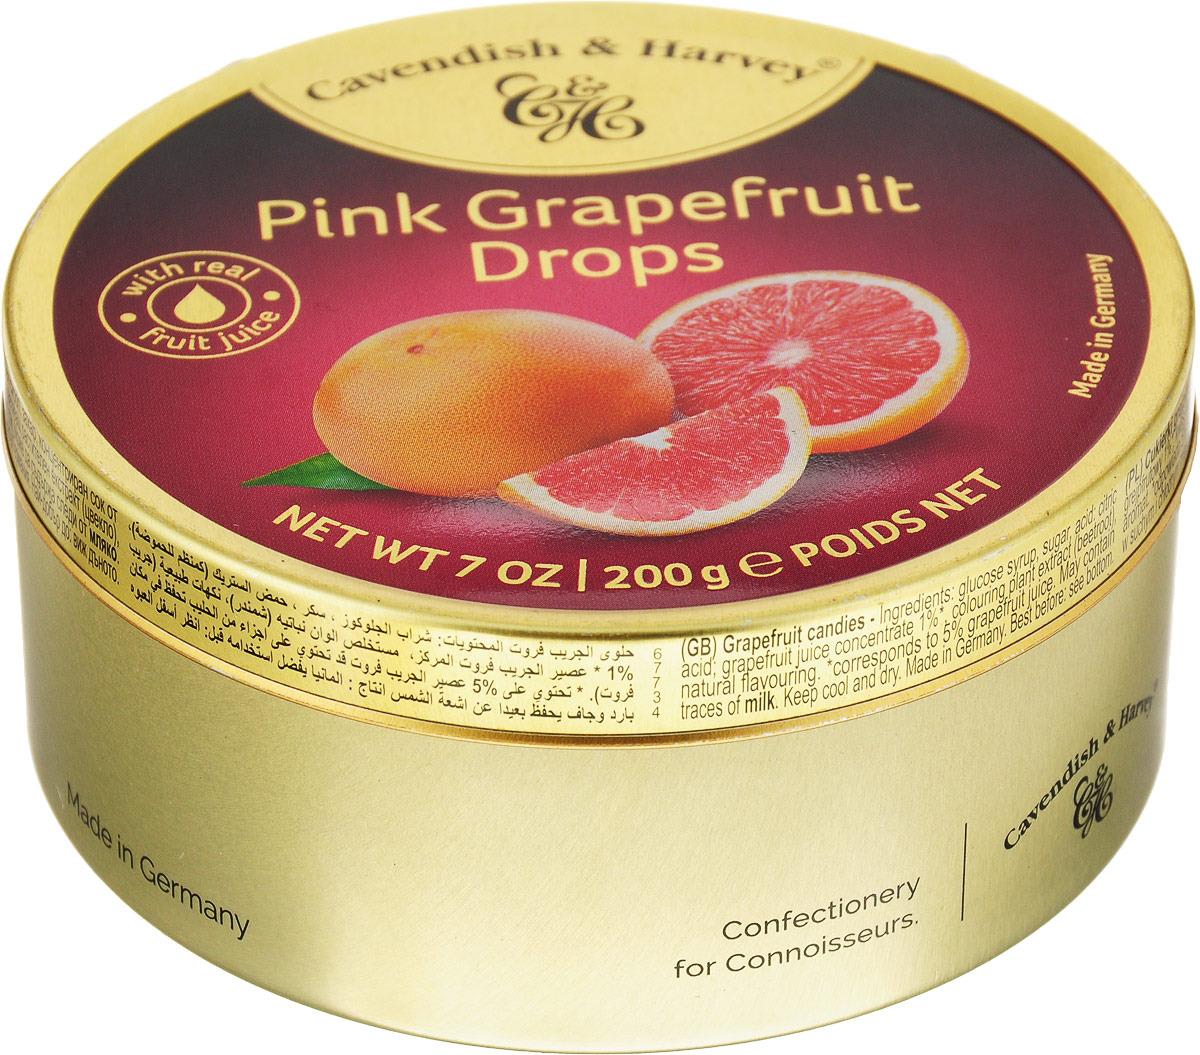 Cavendish & Harvey Розовый грейпфрут леденцы, 200 г cavendish